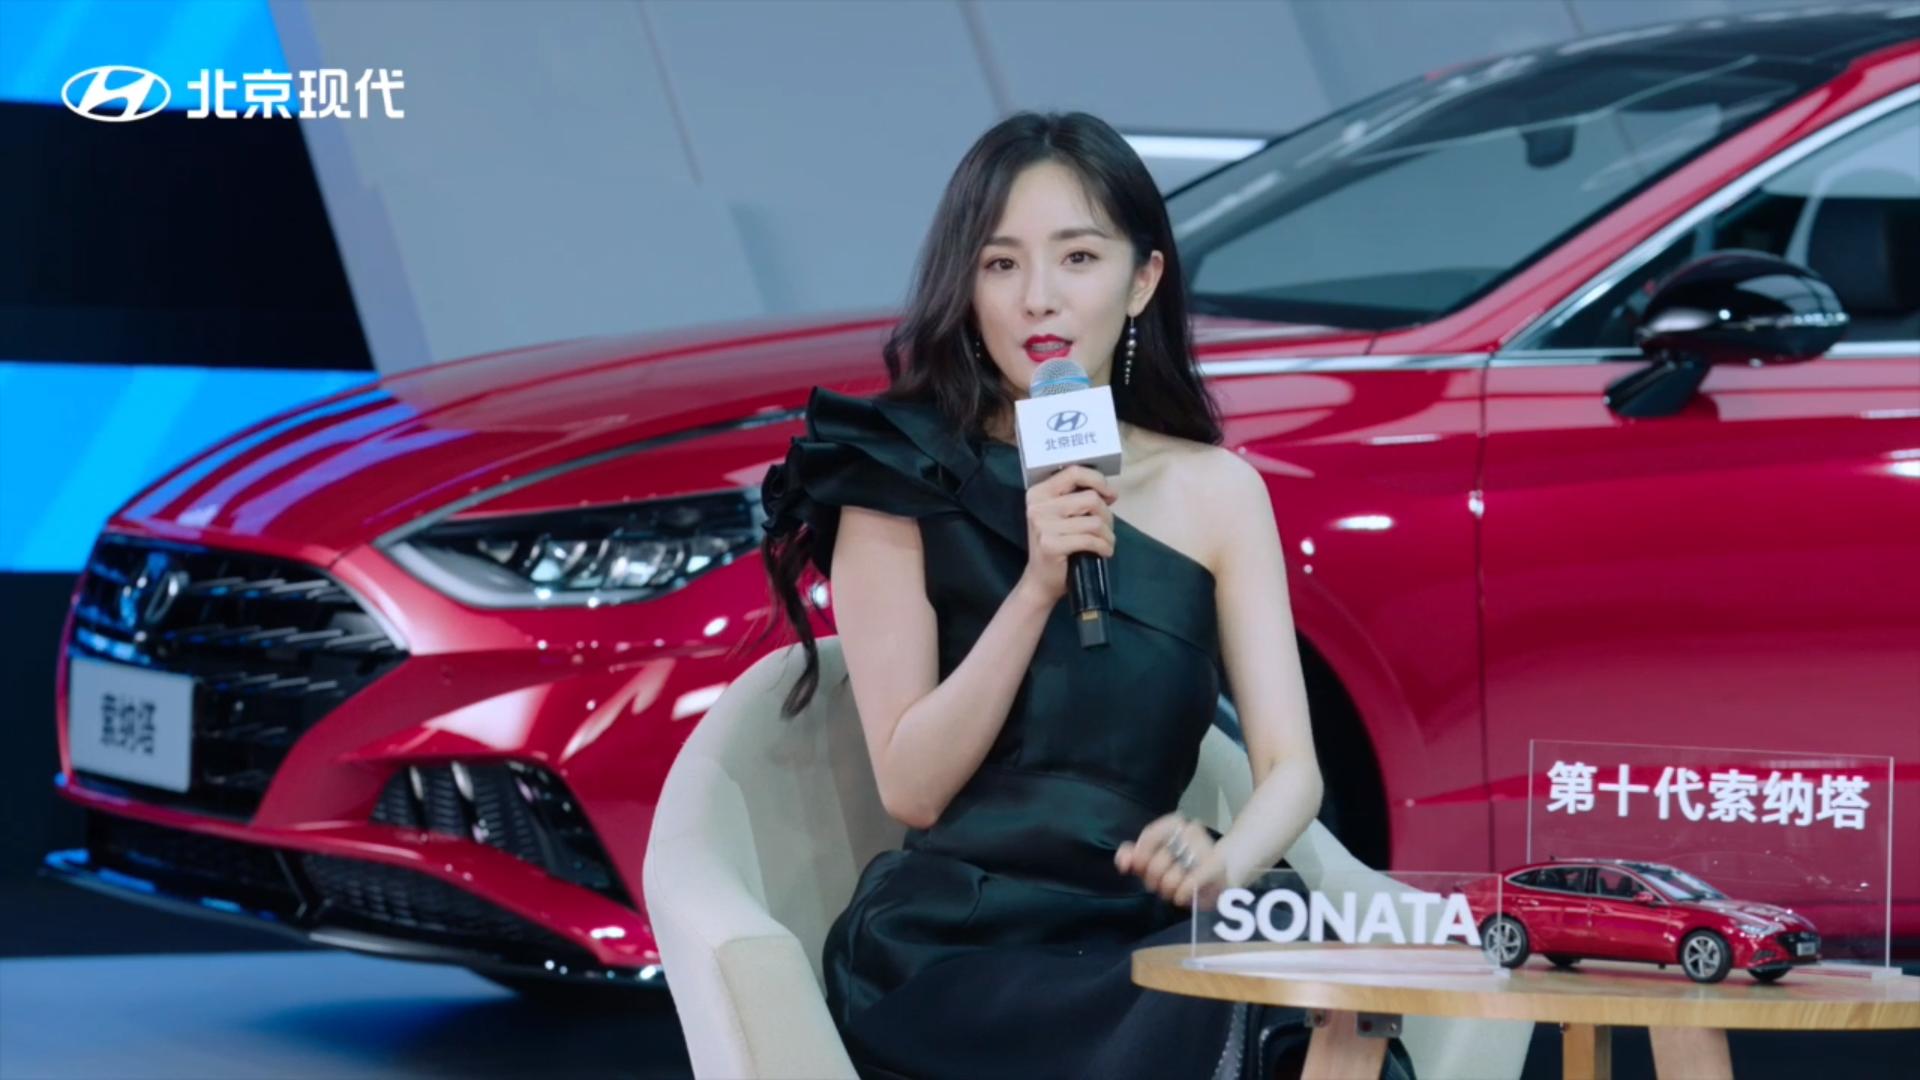 杨幂担任第十代索纳塔品牌代言人